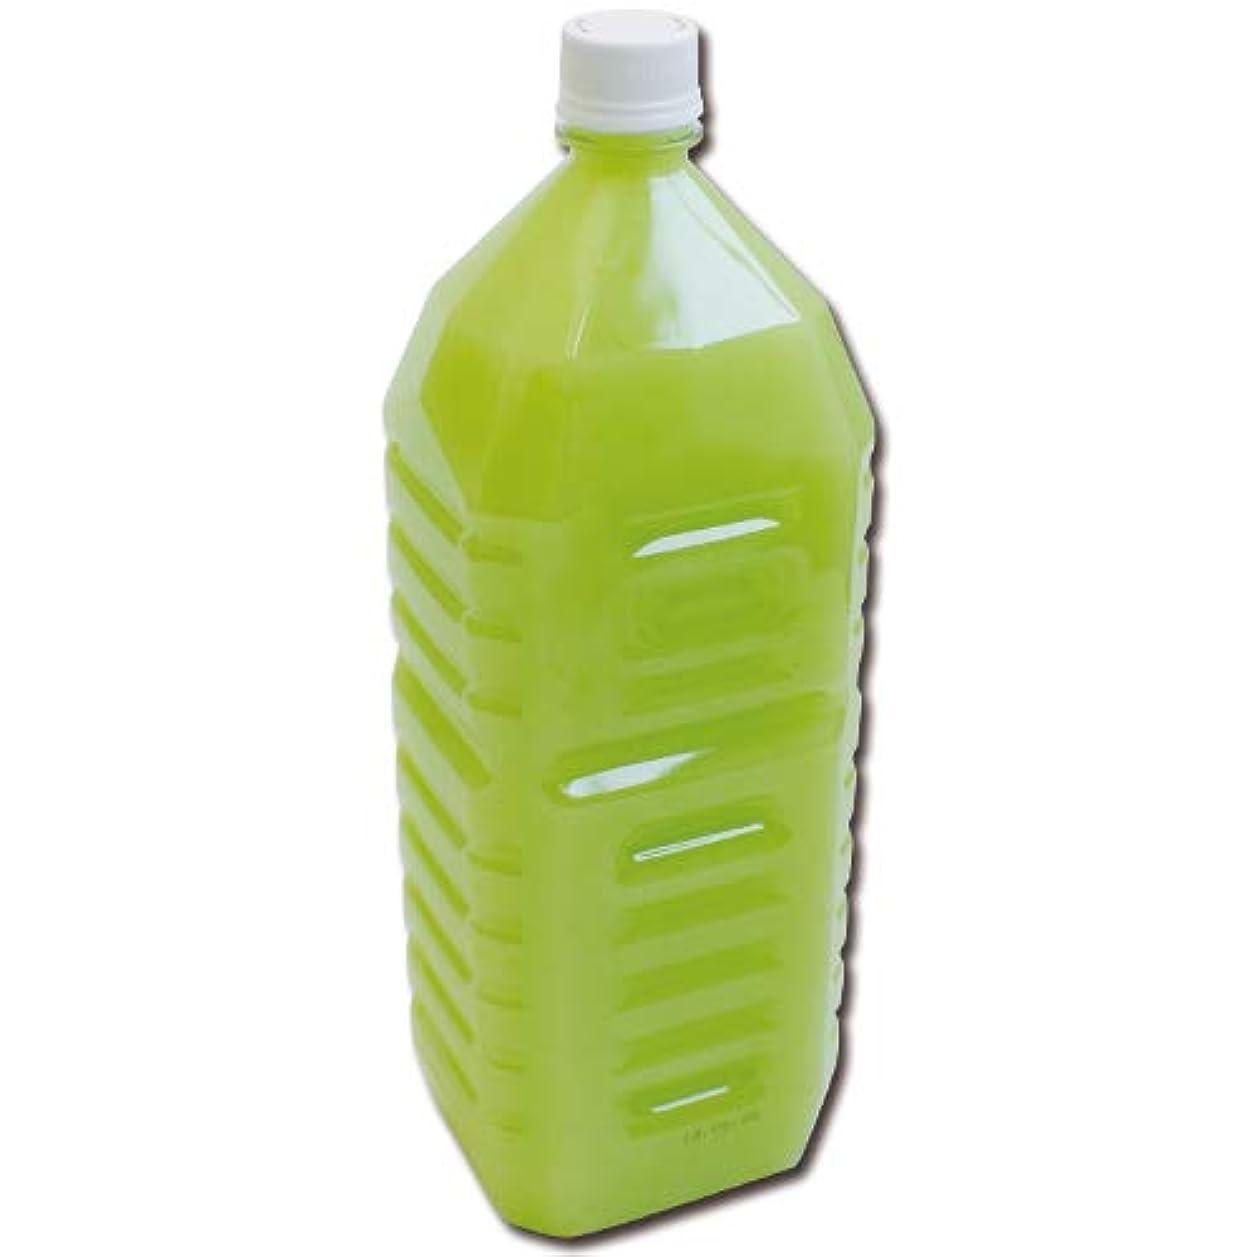 竜巻グラム組アボカドローション アボカドエキス配合 2Lペットボトル ハードタイプ(5倍濃縮原液)│アボガド 業務用ローション ヌルヌル潤滑ローション マッサージゼリー